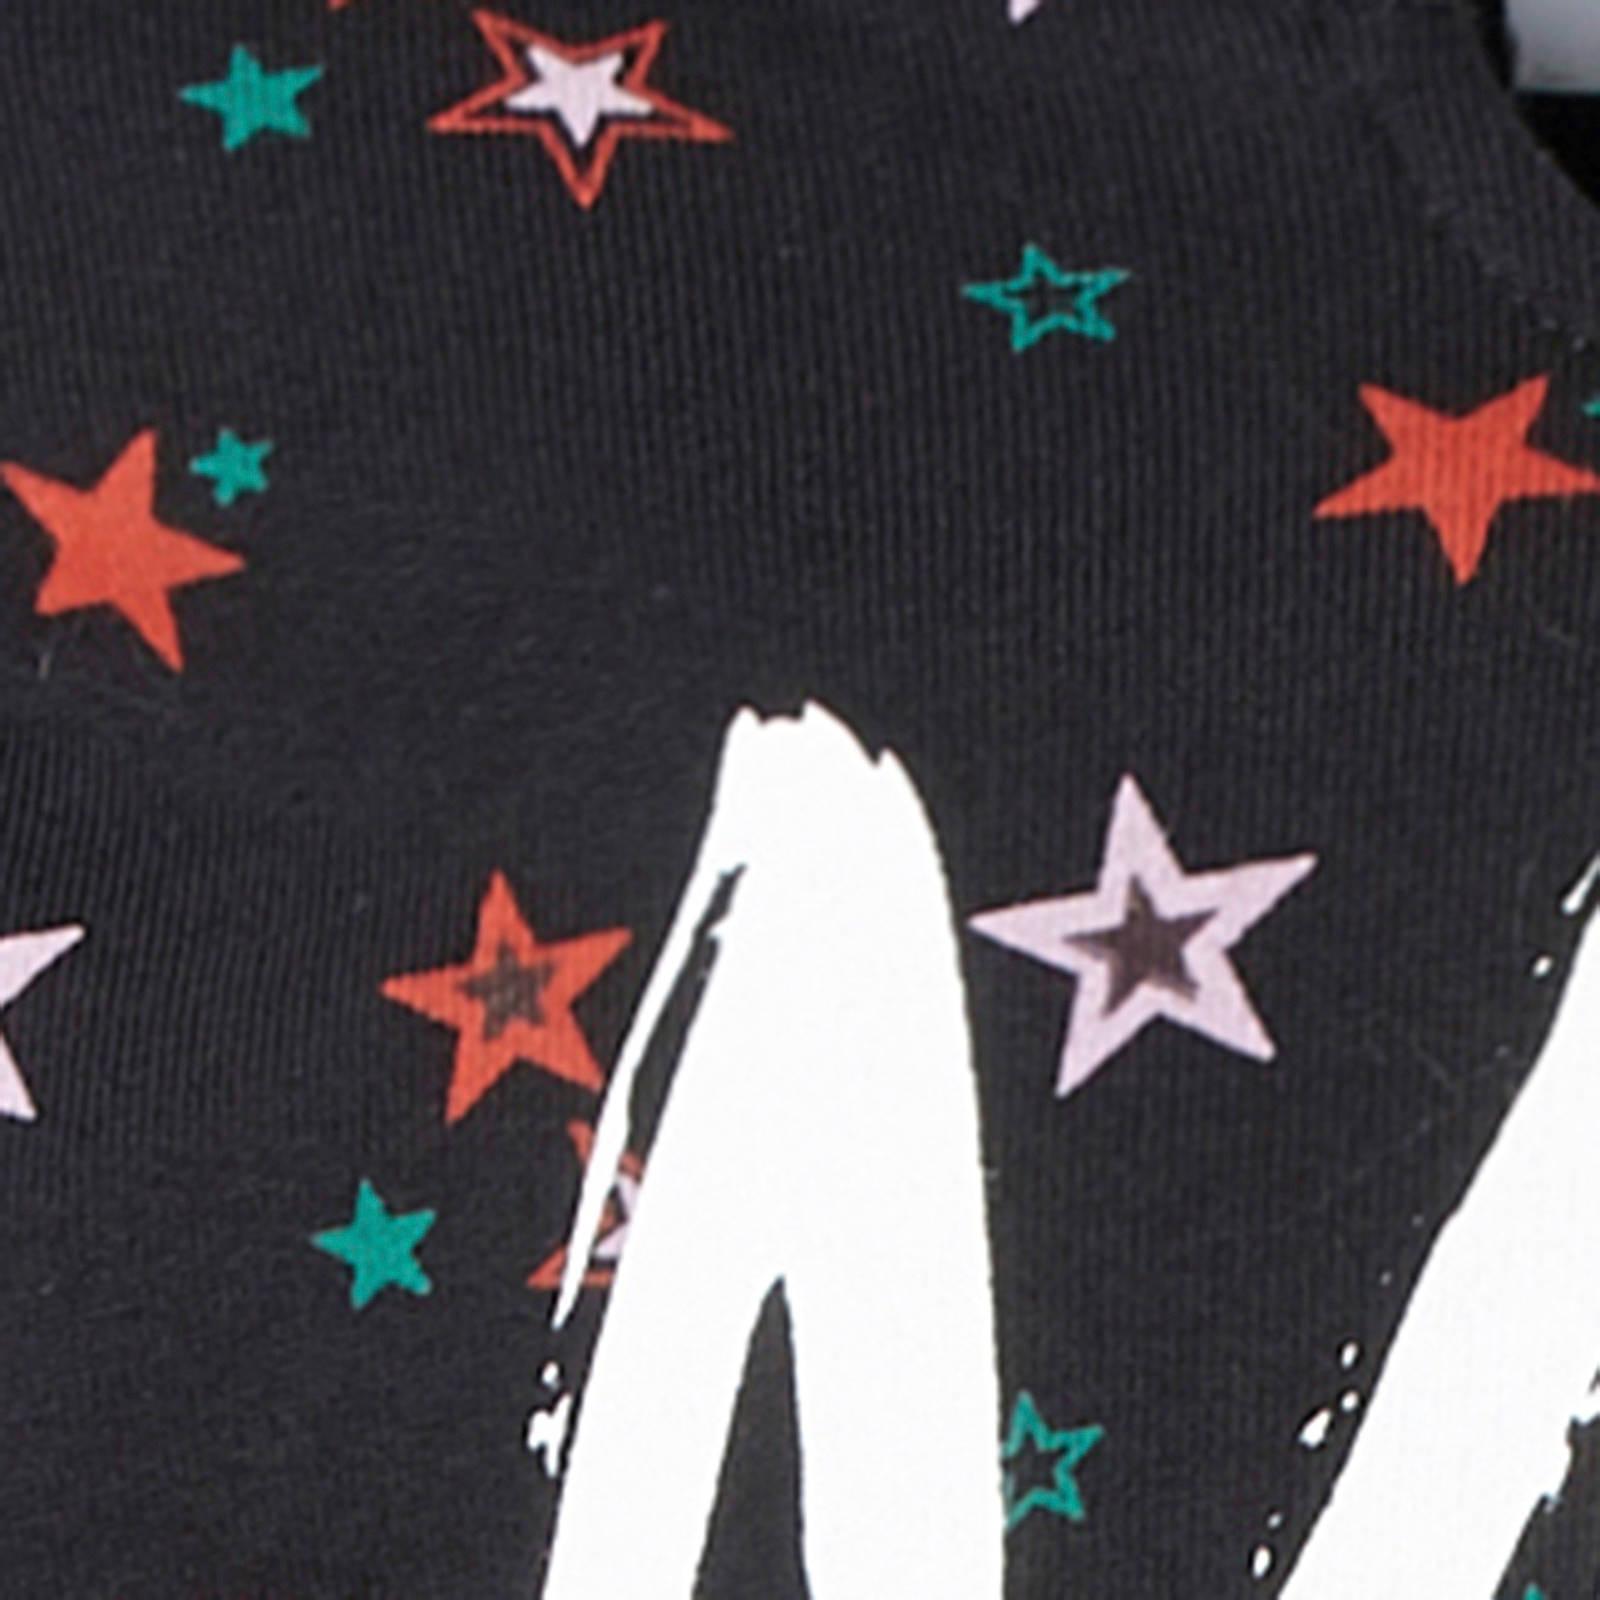 c4aac1f9ad0 NIK&NIK sweater met sterren en tekst zwart | wehkamp